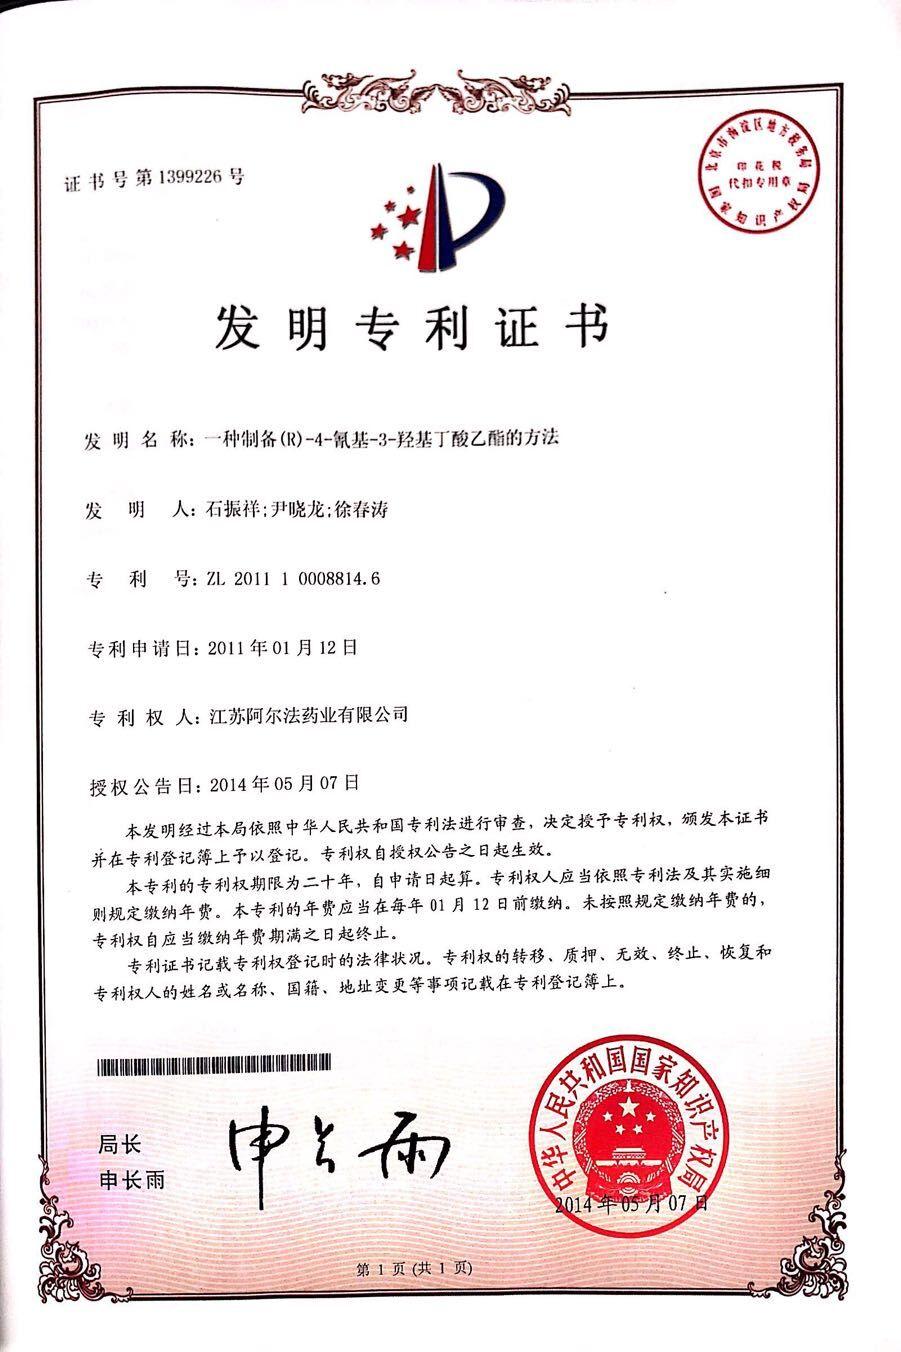 榮譽-專利-5.一種制備-R-4-氰基-3-羥基丁酸乙酯的方法